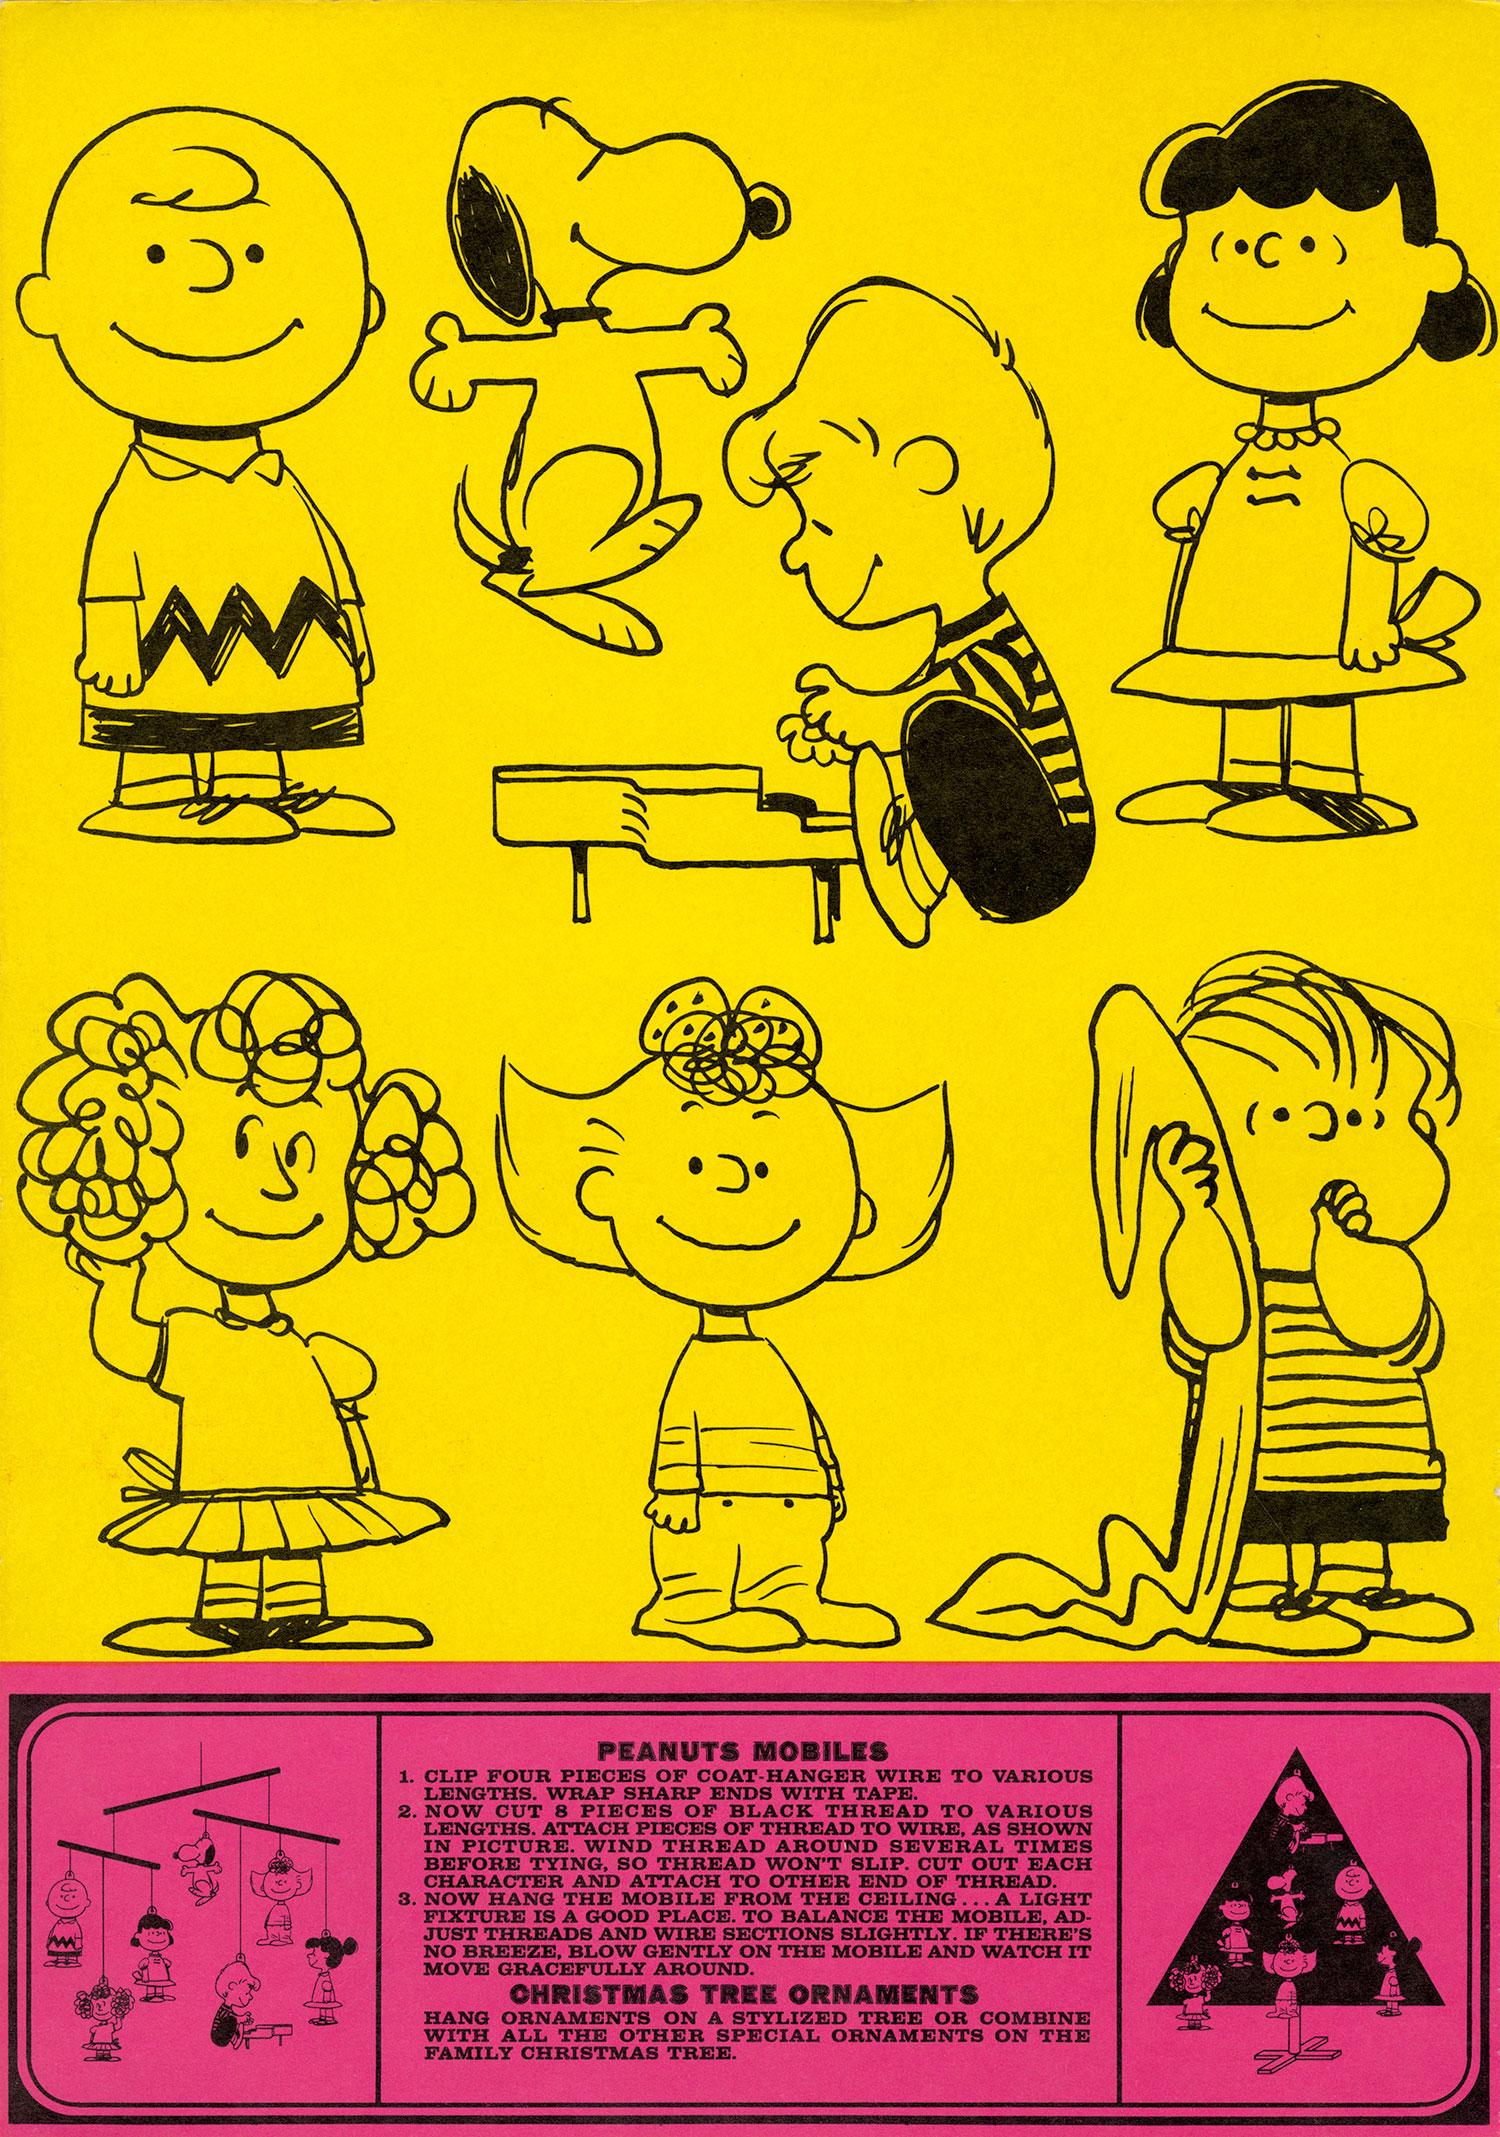 Peanuts_Project_28.jpg